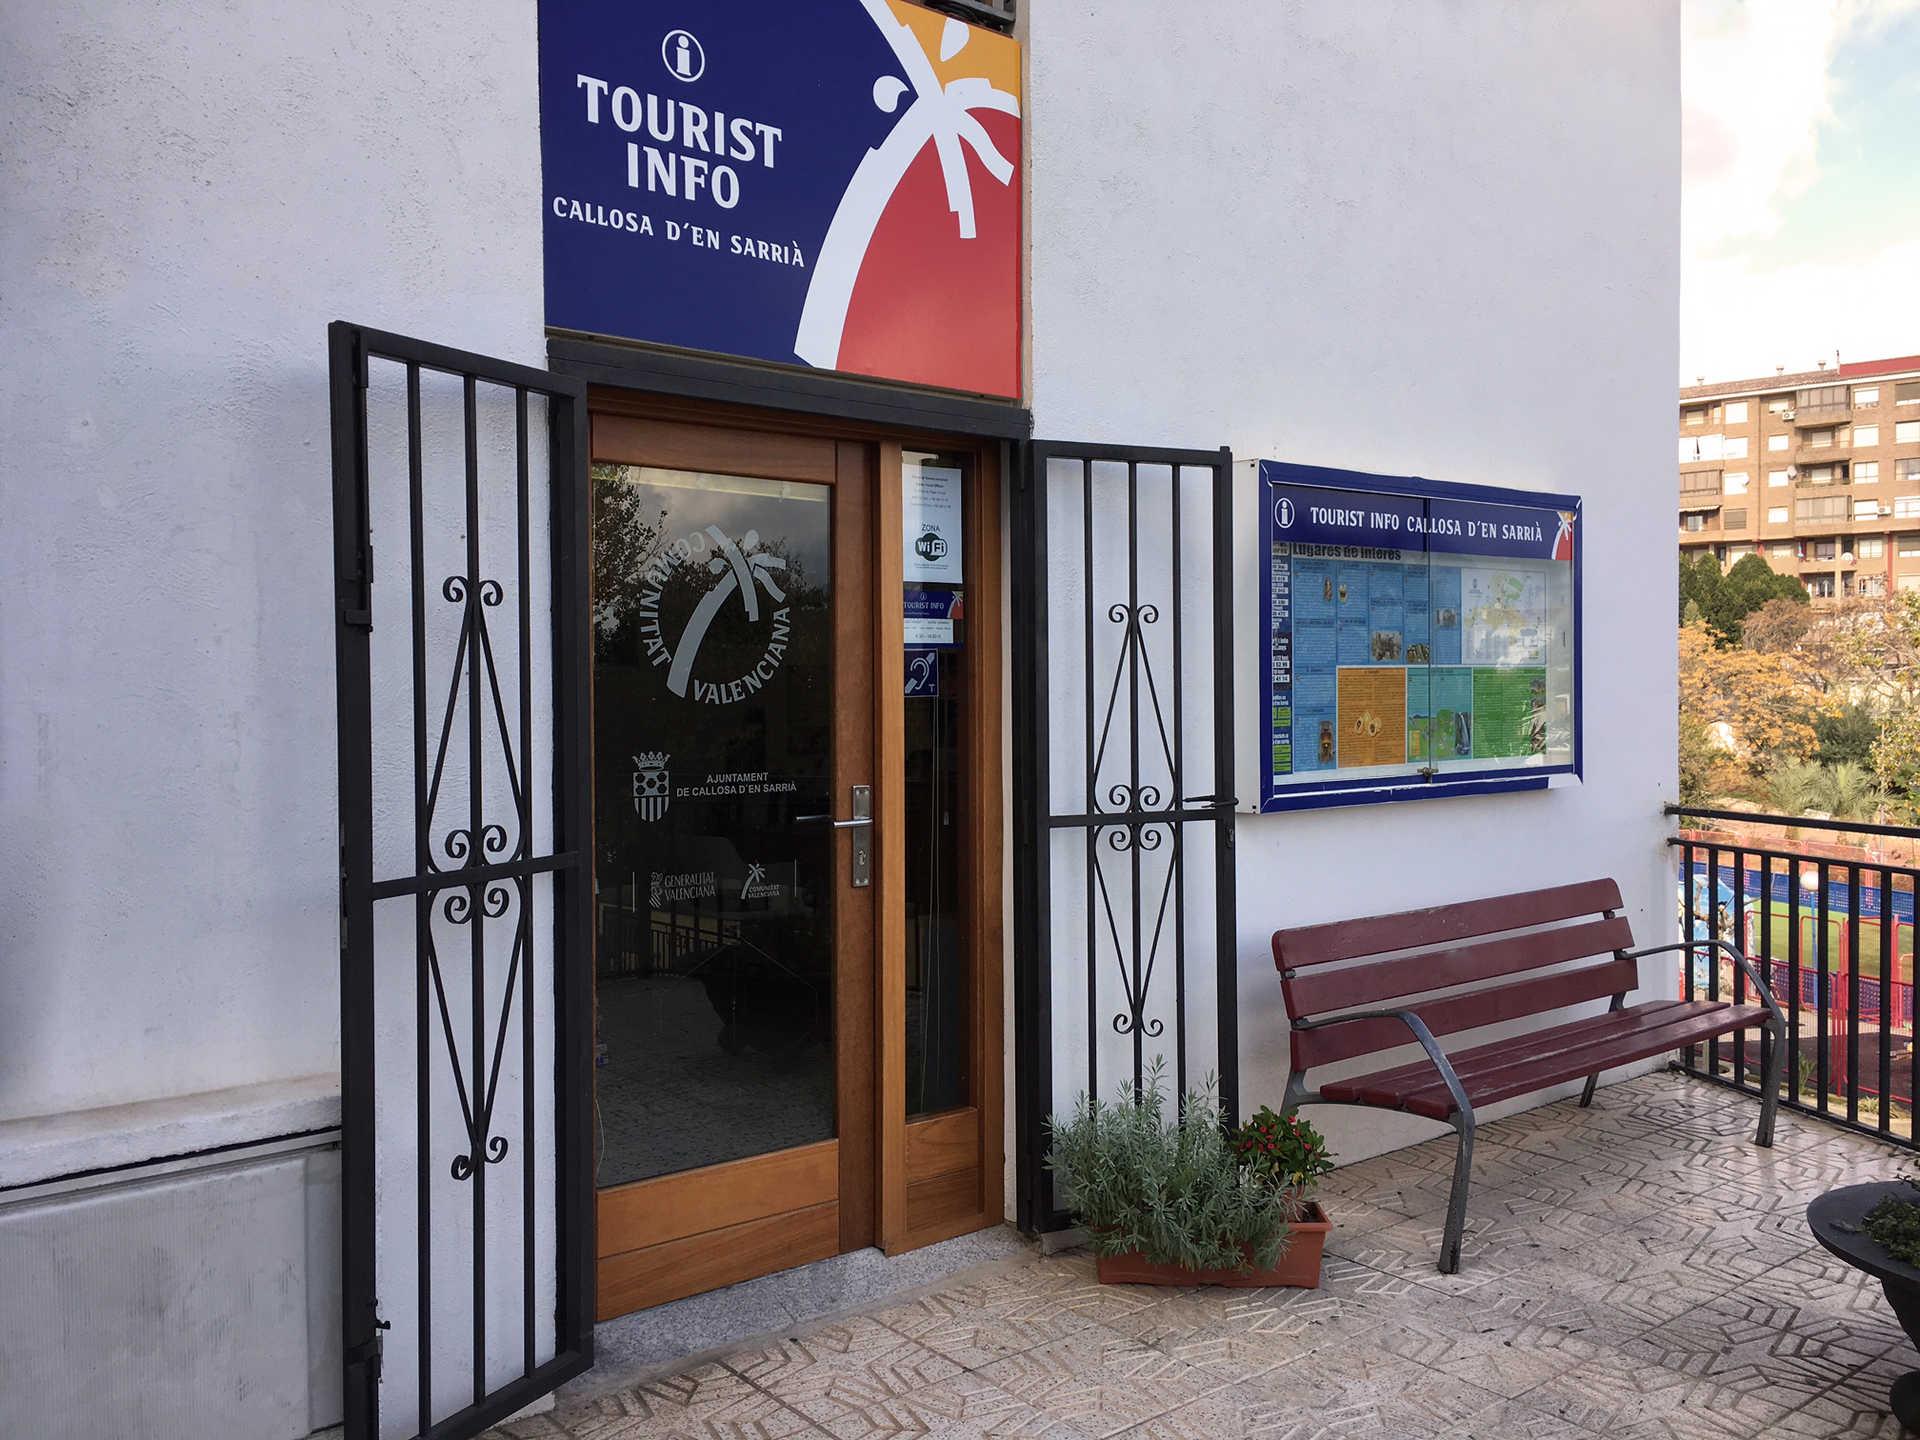 TOURIST INFO CALLOSA D'EN SARRIÀ